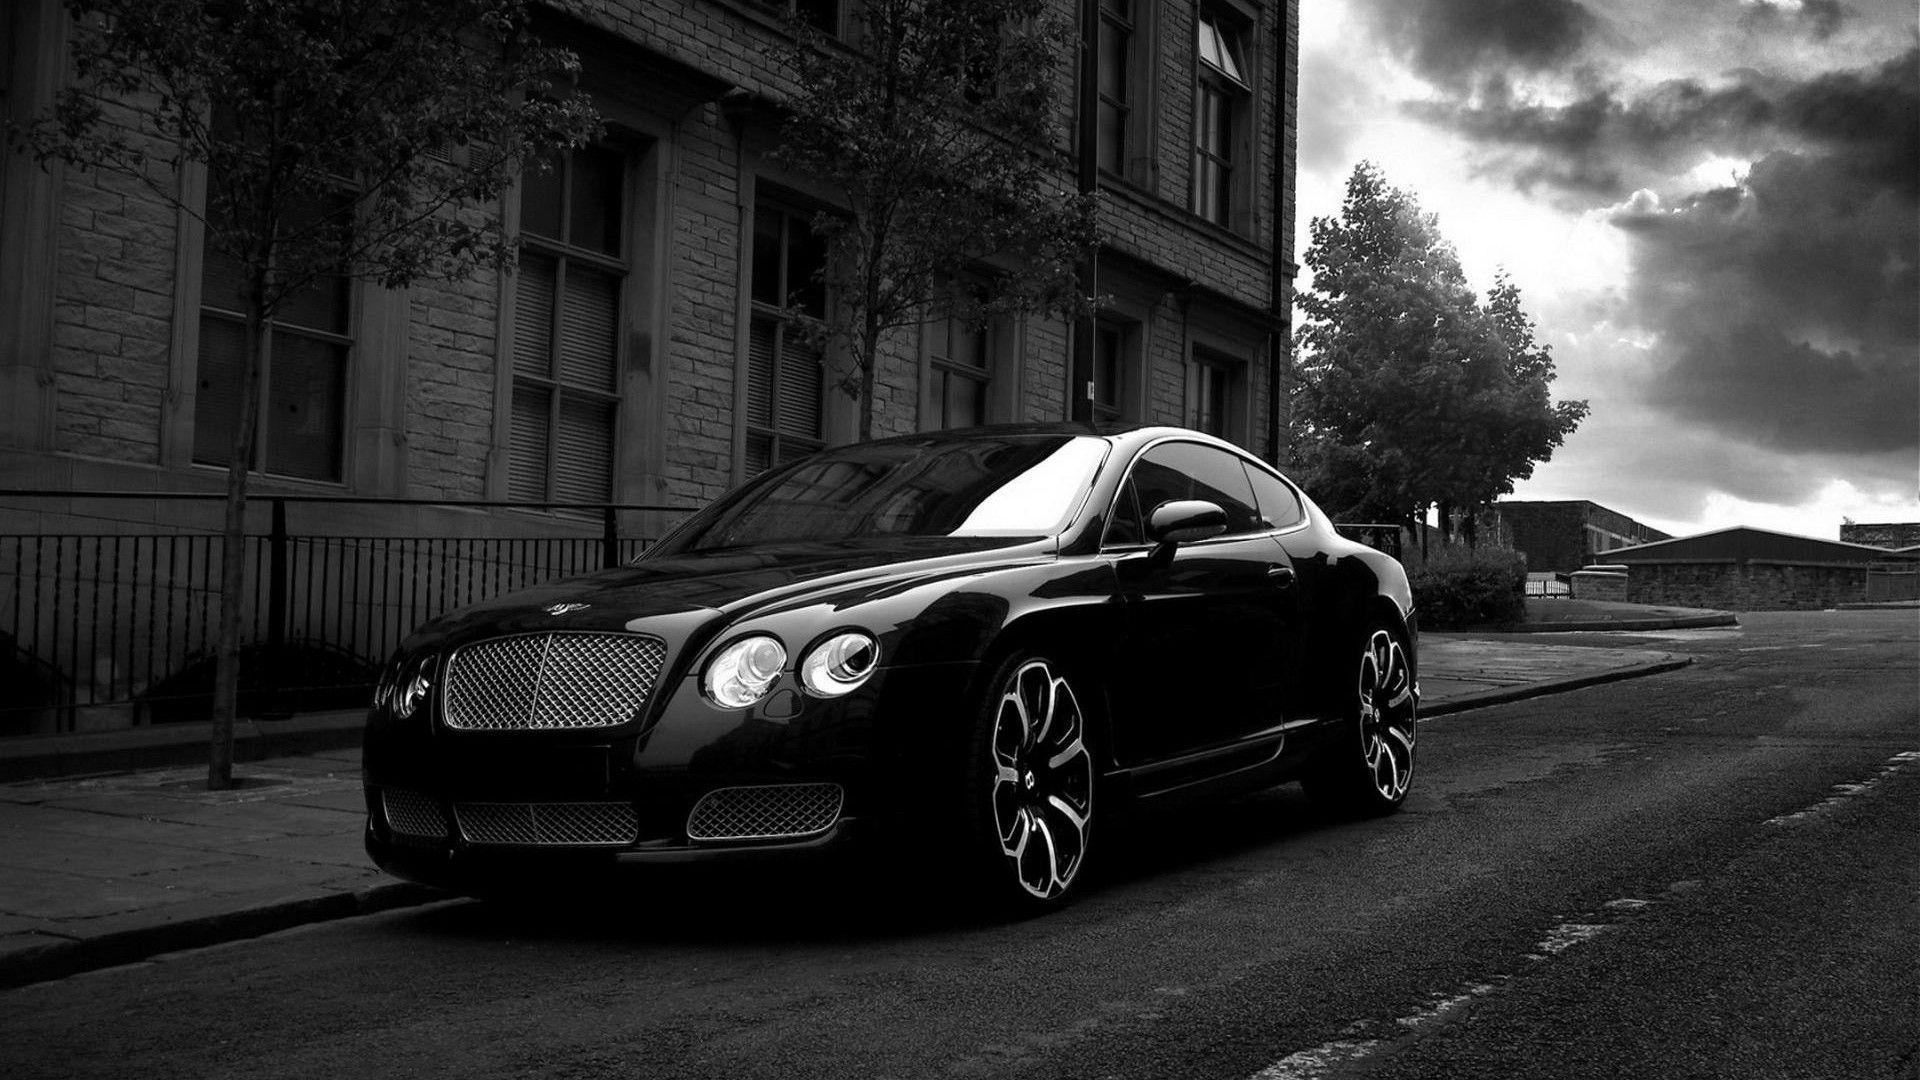 Bentley Wallpapers - Top Free Bentley